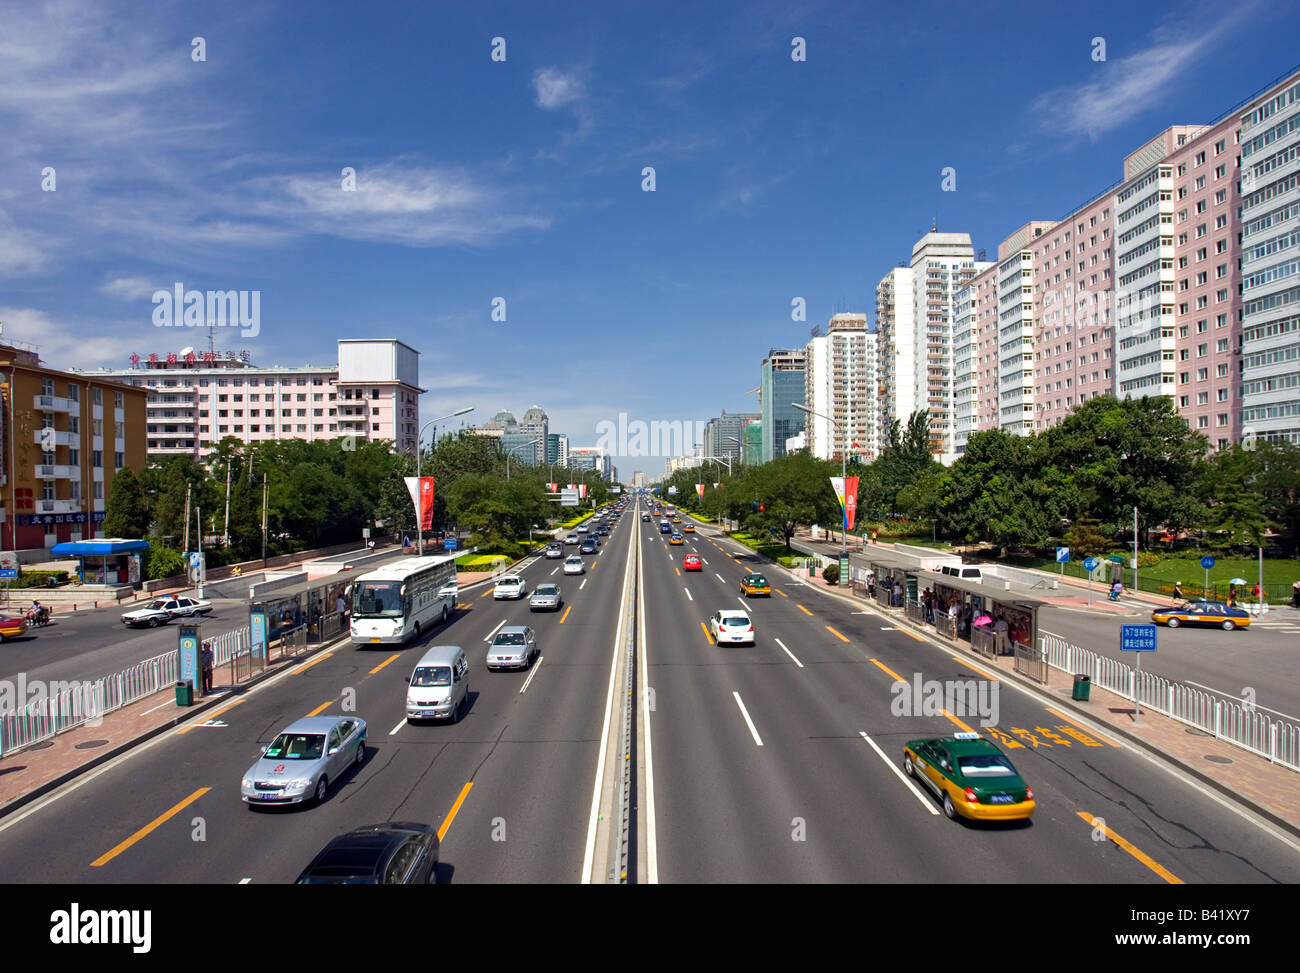 Peking Traffic - Stock Image